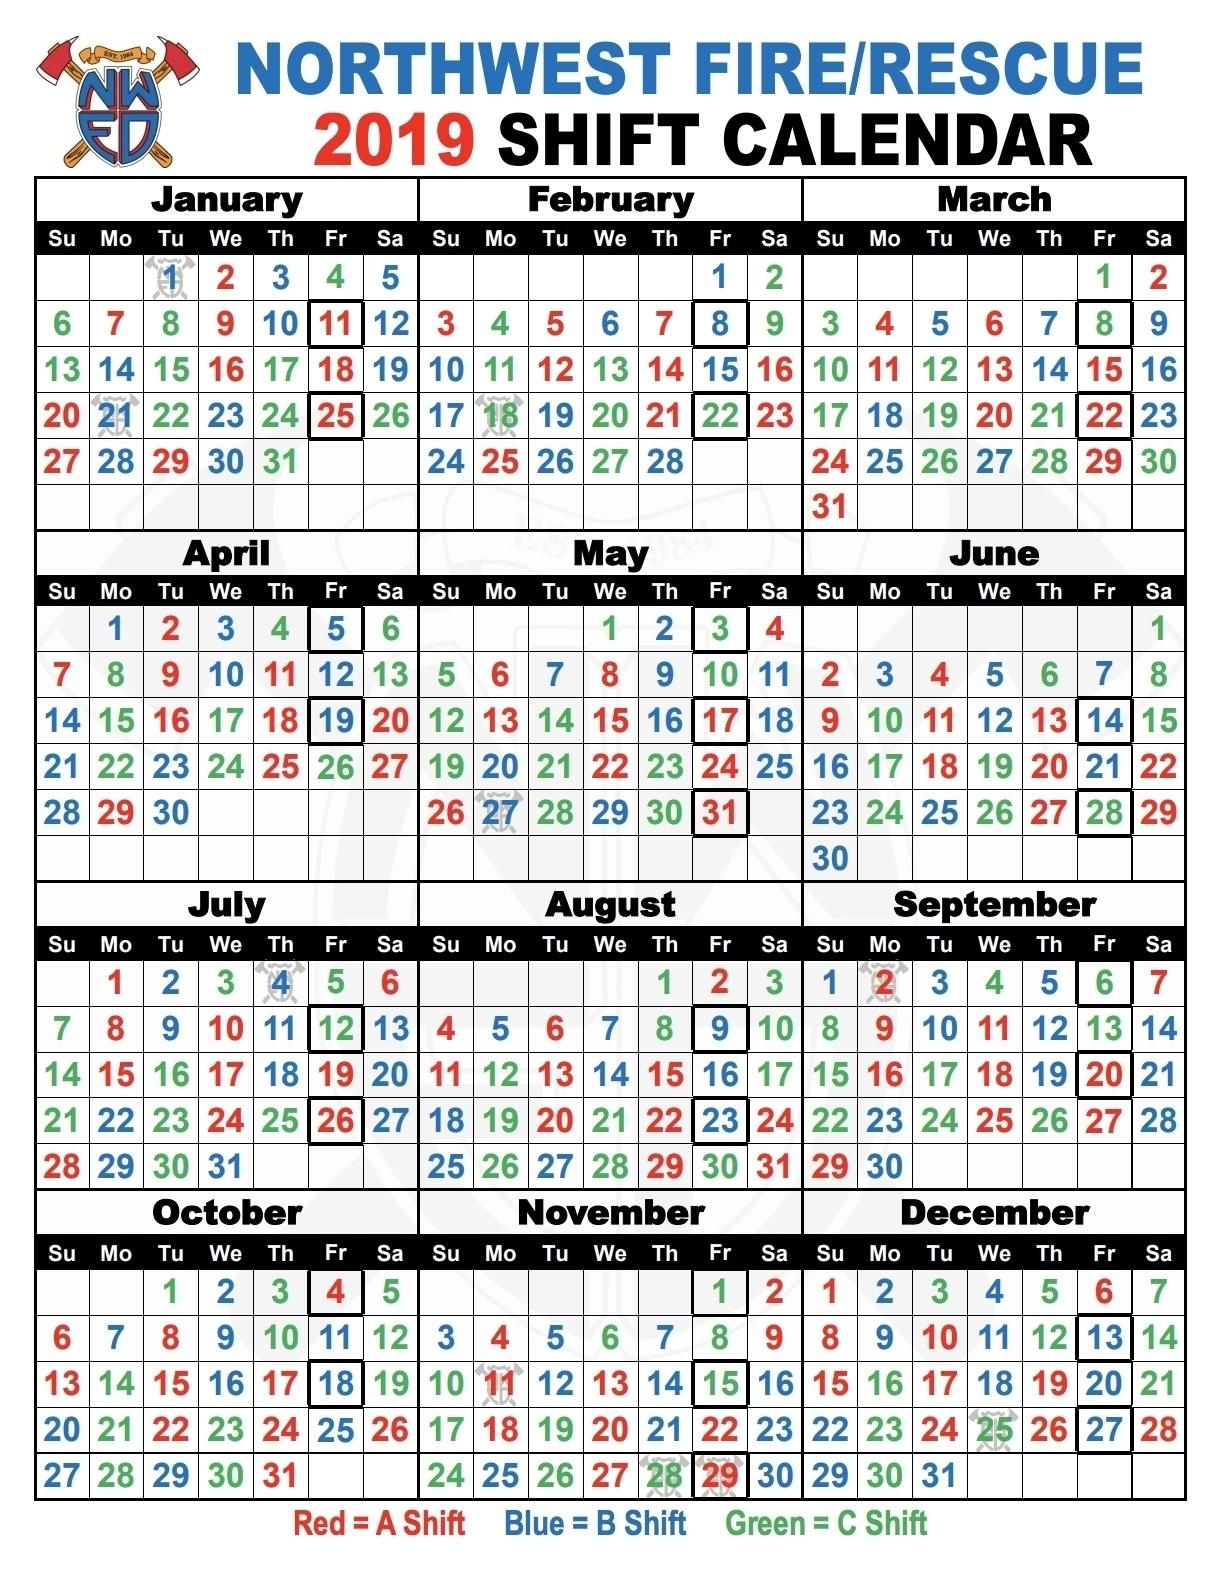 Fire Dept Shift Calendar 24/48 - Calendar Inspiration Design inside Firefighter 24 48 Shift 2020 Calendar